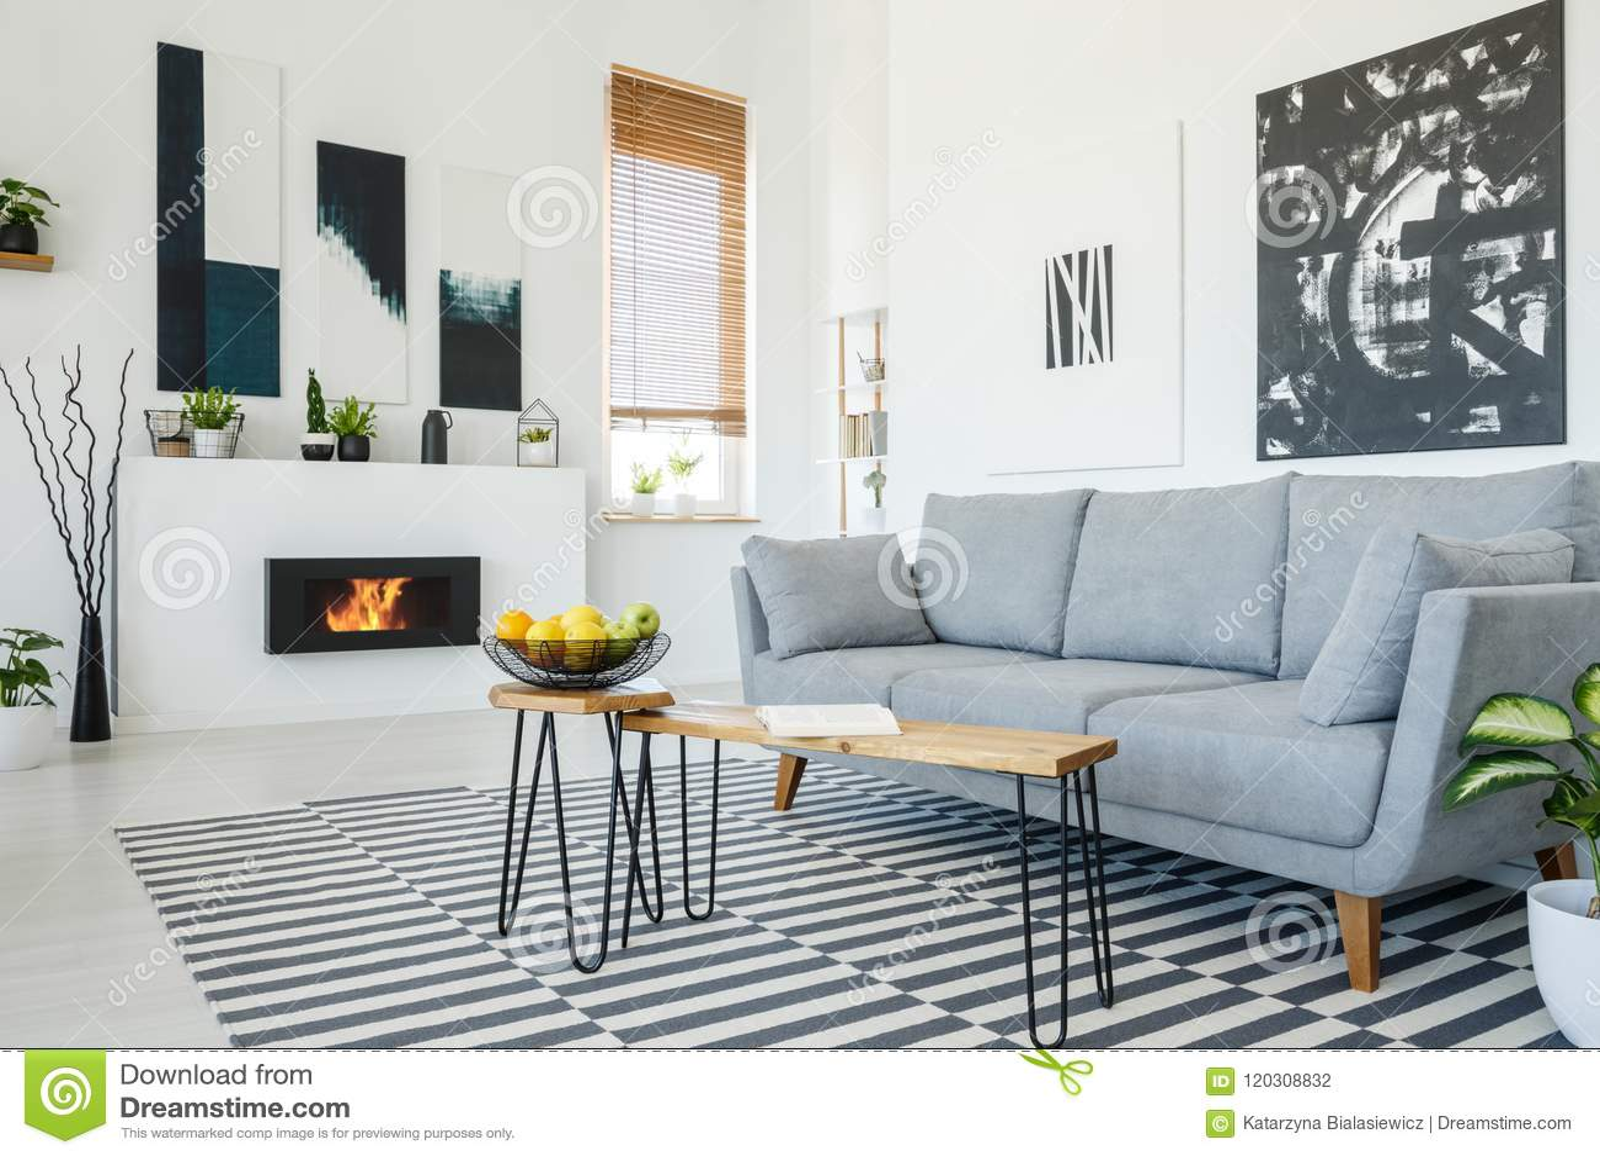 Foto real de un sofá gris que se coloca delante de una tabla de madera adentro